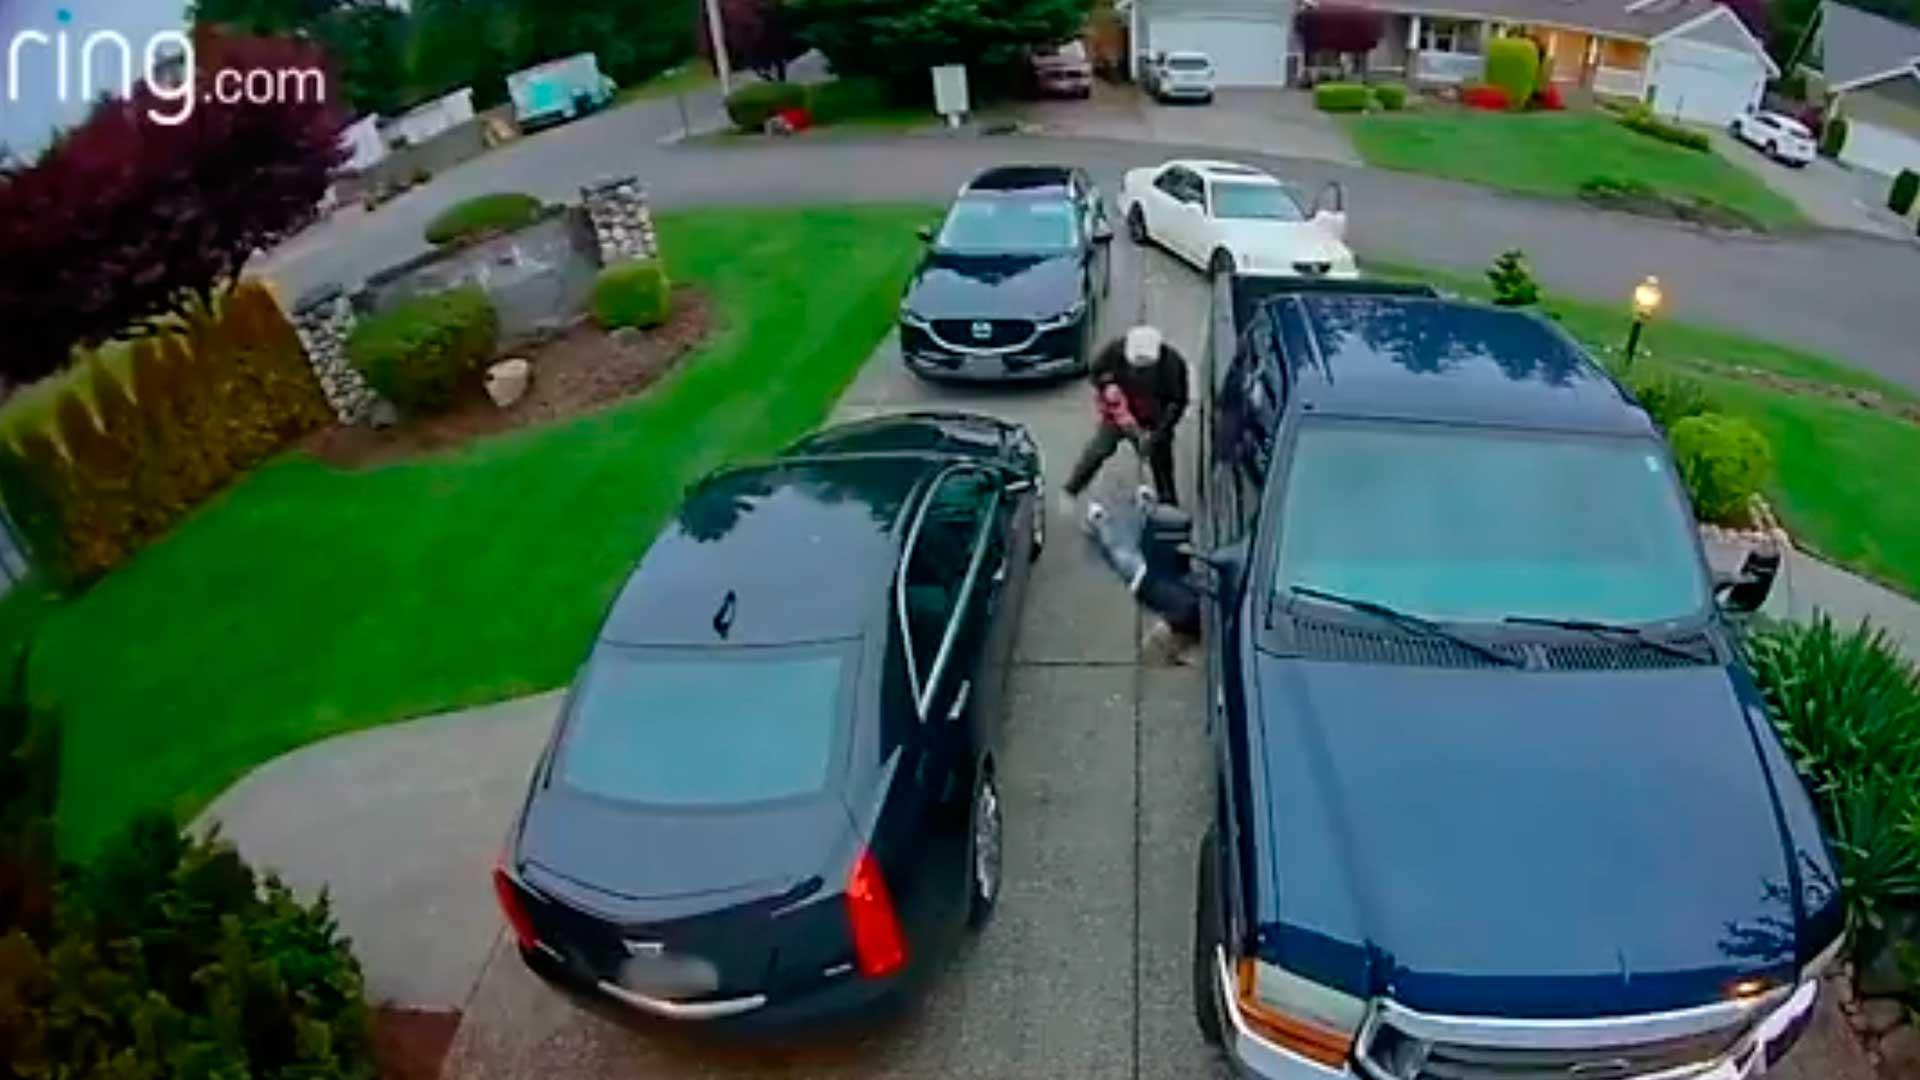 ¿Cuánto se tarda en robar el catalizador de un coche?